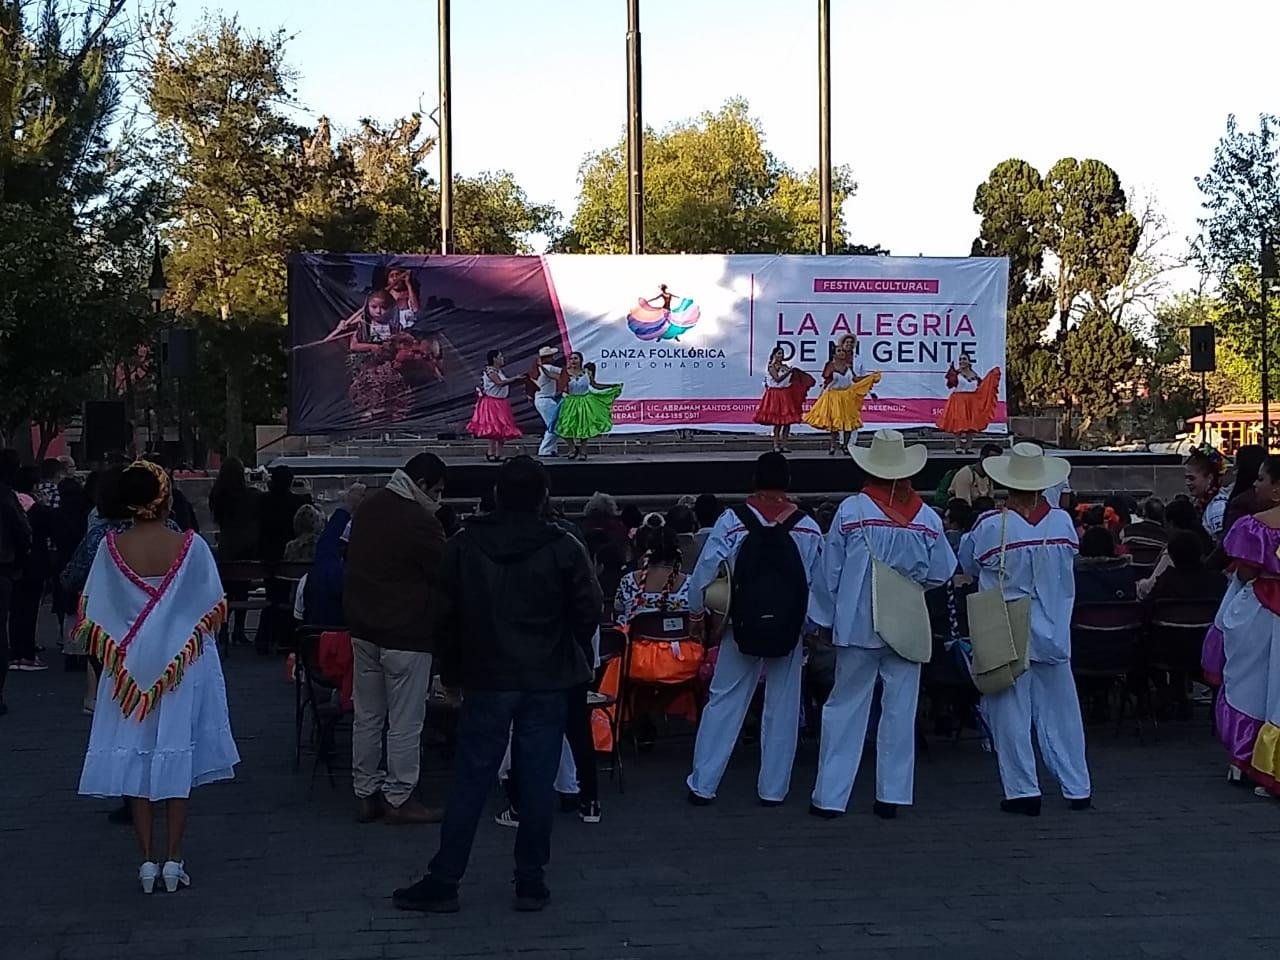 """Festival cultural """"La alegría de mi gente"""", llega a la Plaza Morelos"""